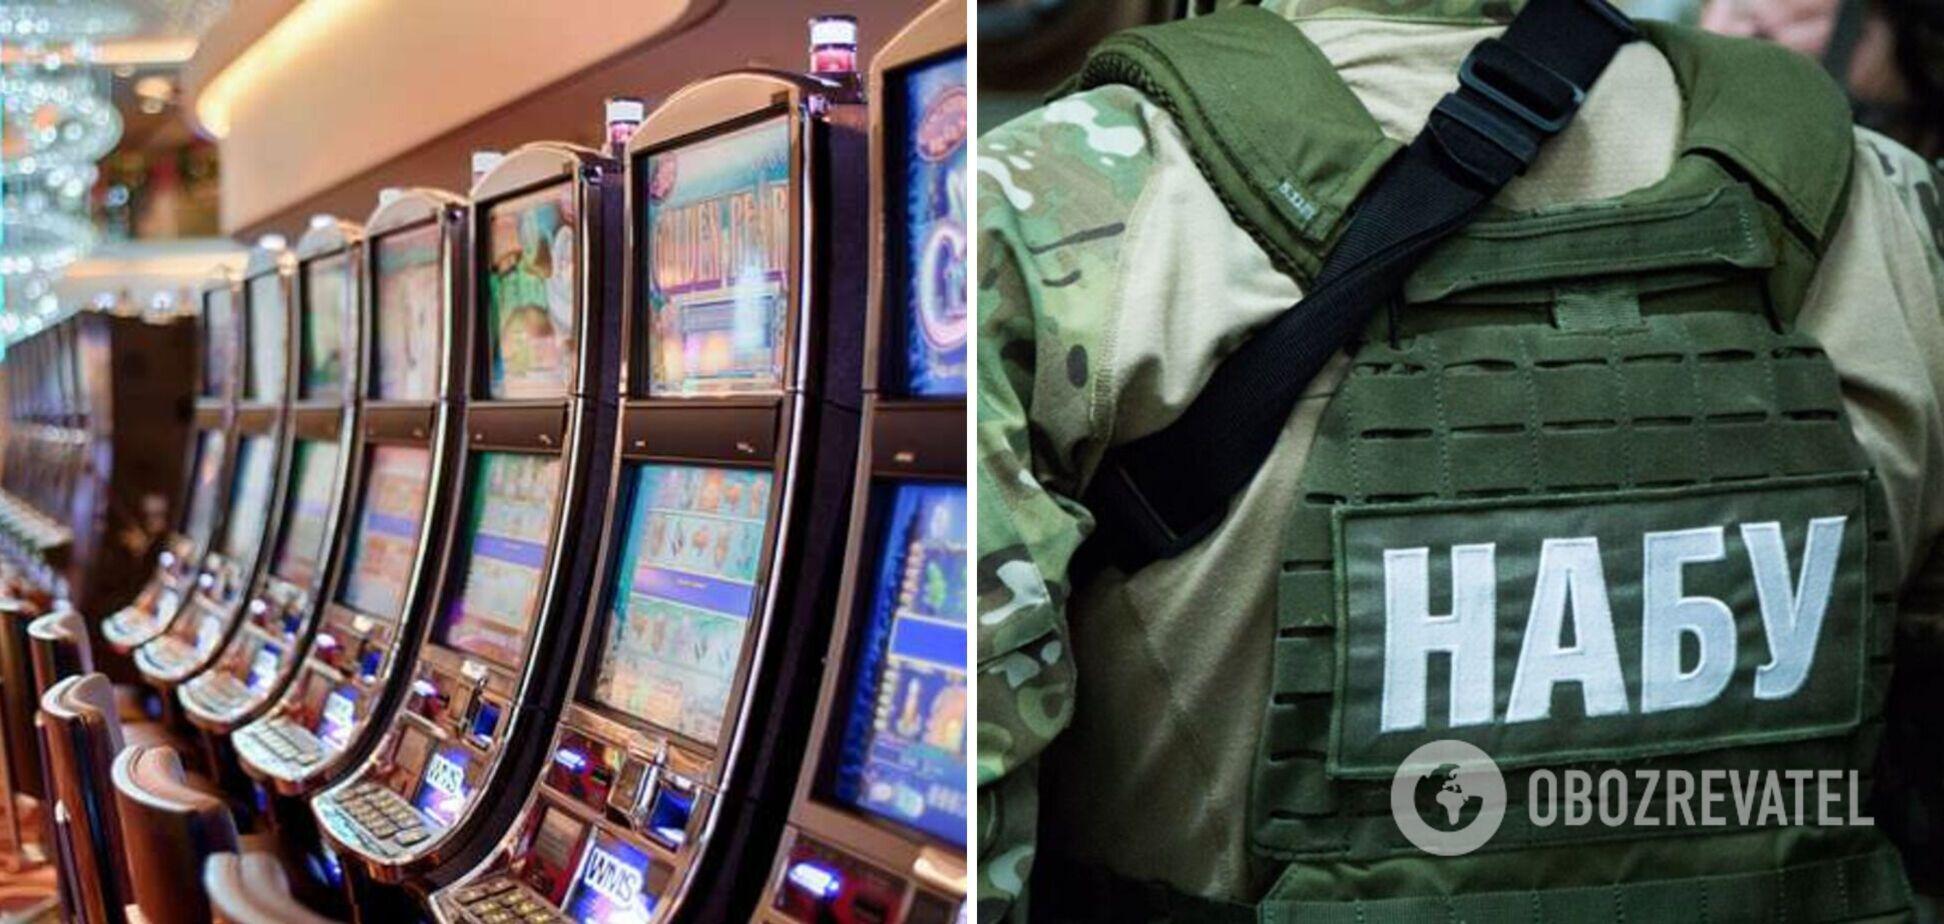 Детективы НАБУ взяли на взятке члена Комиссии по регулированию азартных игр и лотерей